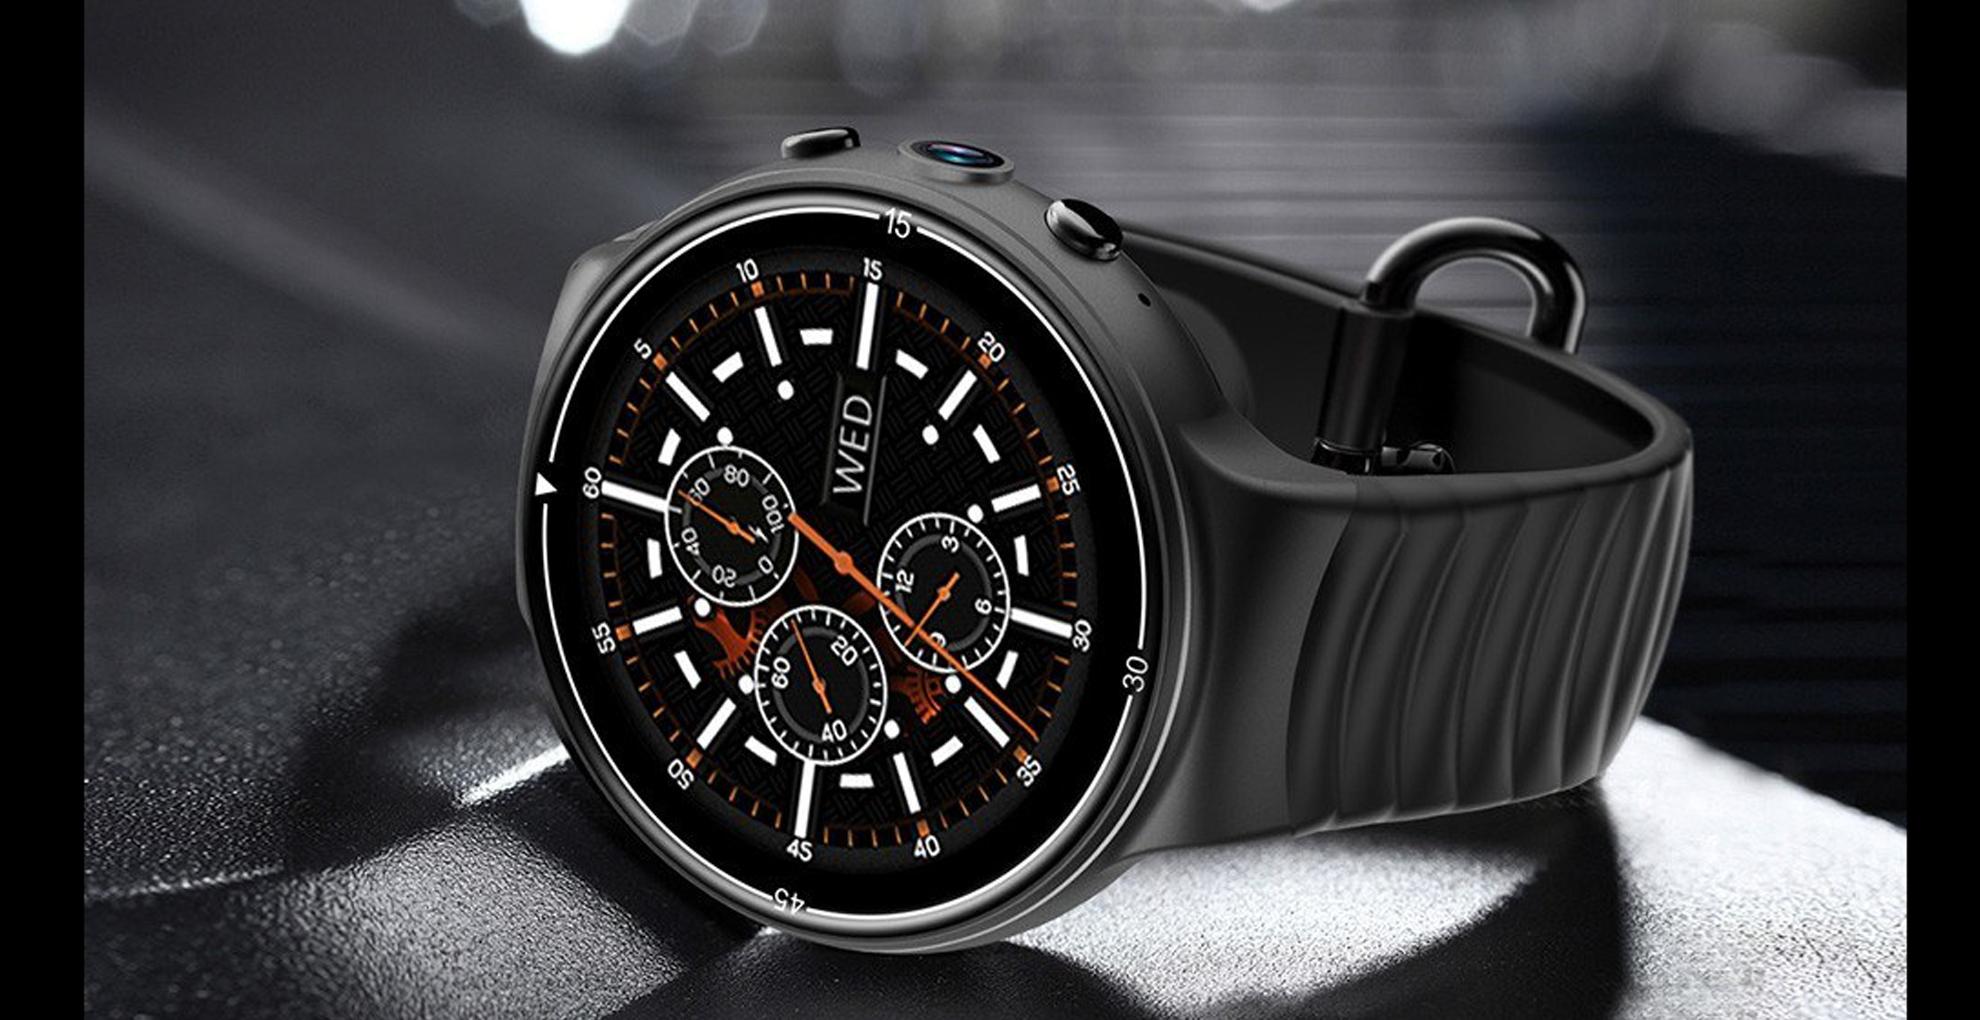 Chytré hodinky IQI I8 s dvoudenní výdrží nyní ve slevě! [sponzorovaný článek]